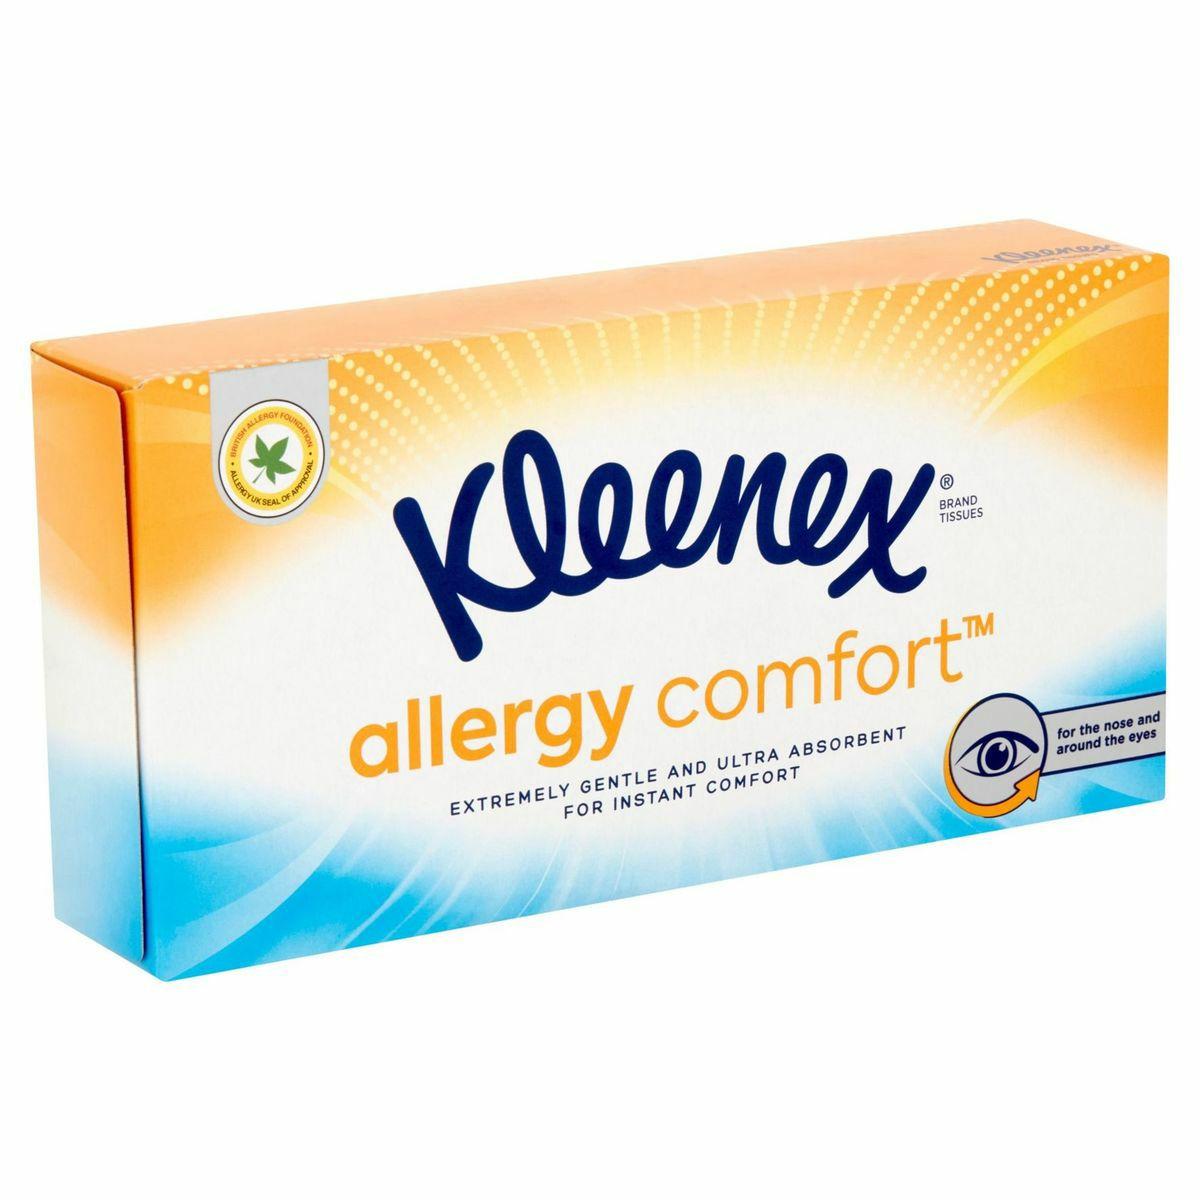 Gratis Kleenex (Grensdeal België)